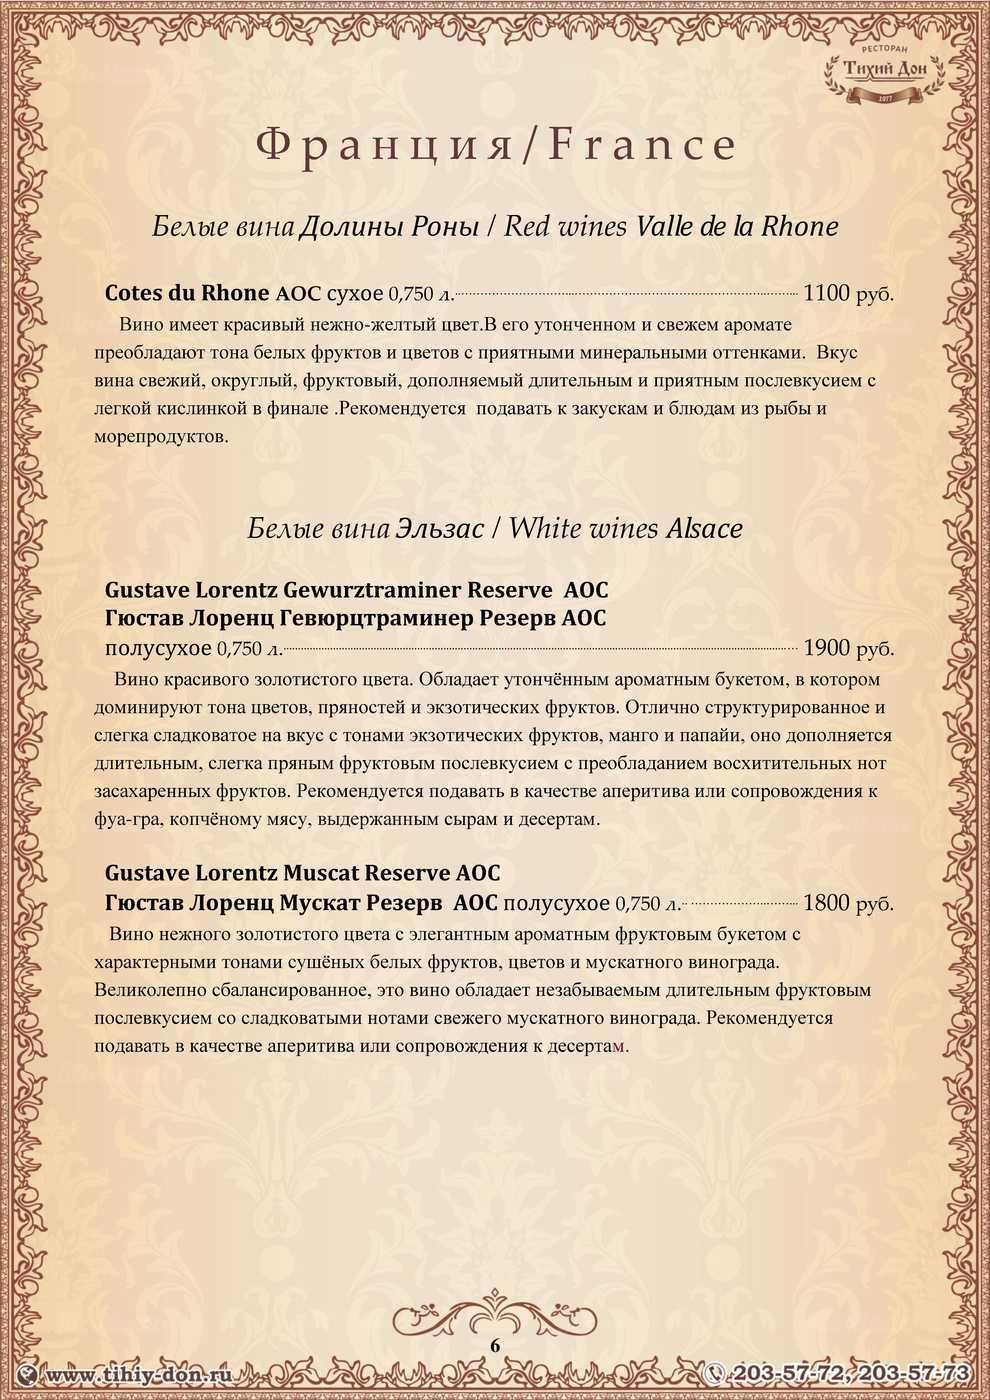 Меню ресторана Тихий Дон в Береговой фото 51